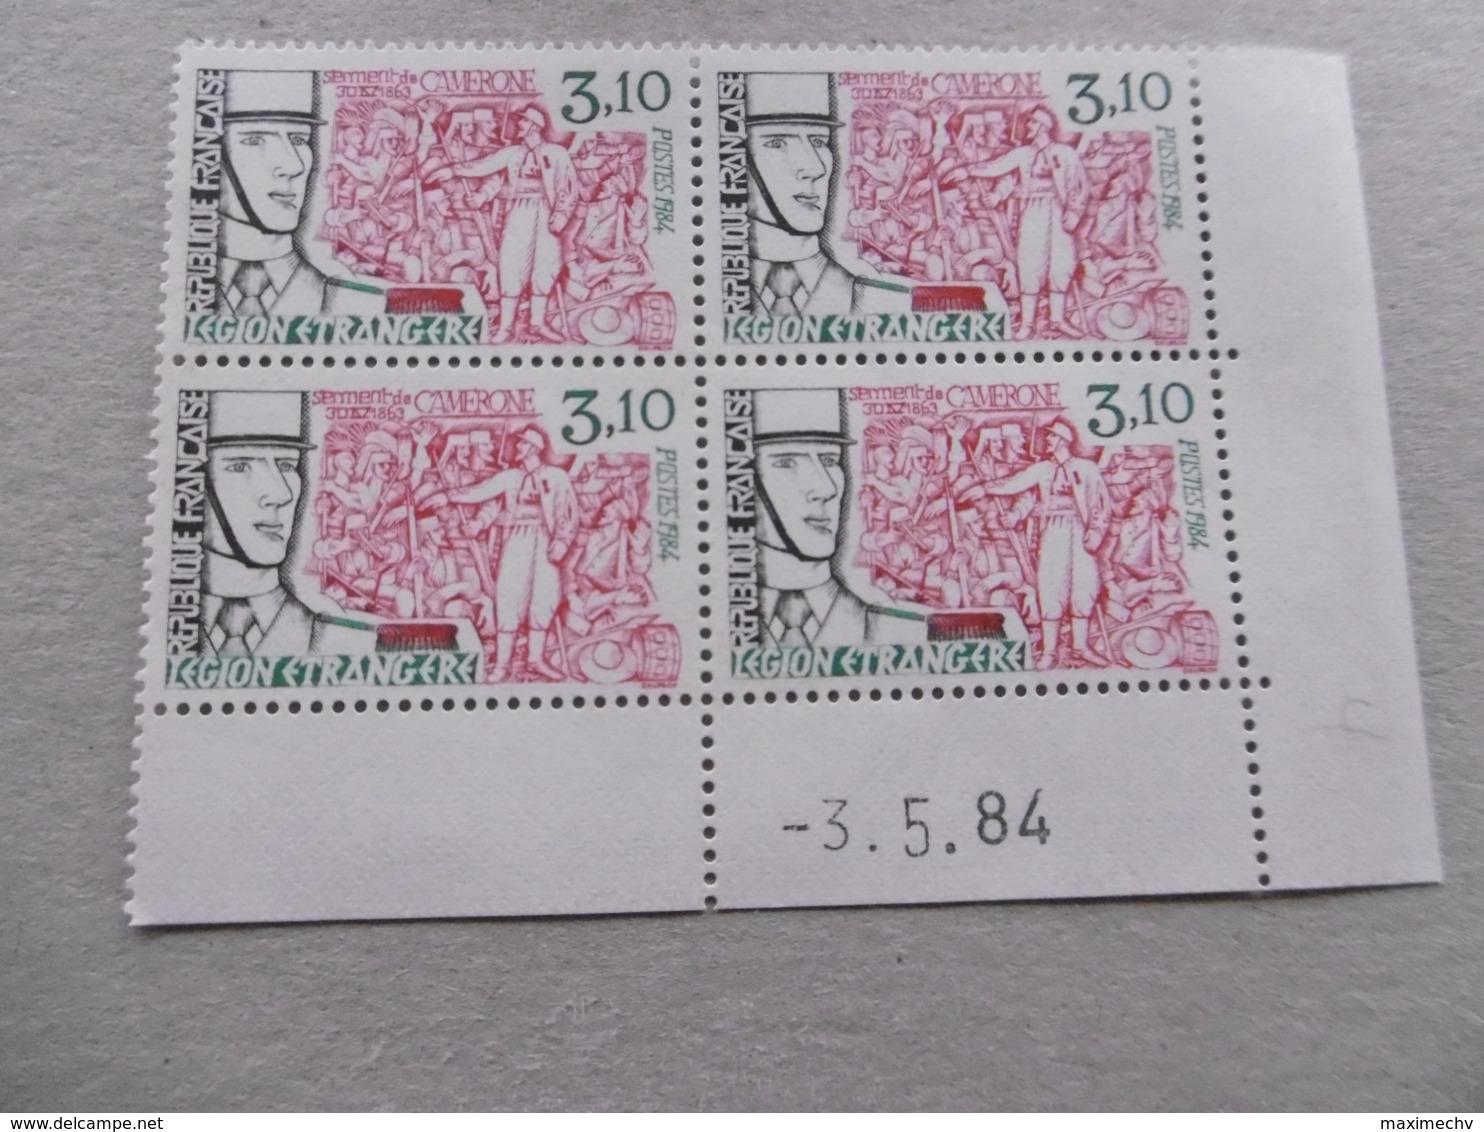 FRANCE 1984 No YT 2311 * * LEGION ETRANGERE  COIN DATE DU 03 05 84   BLOC DE 4 - Francia